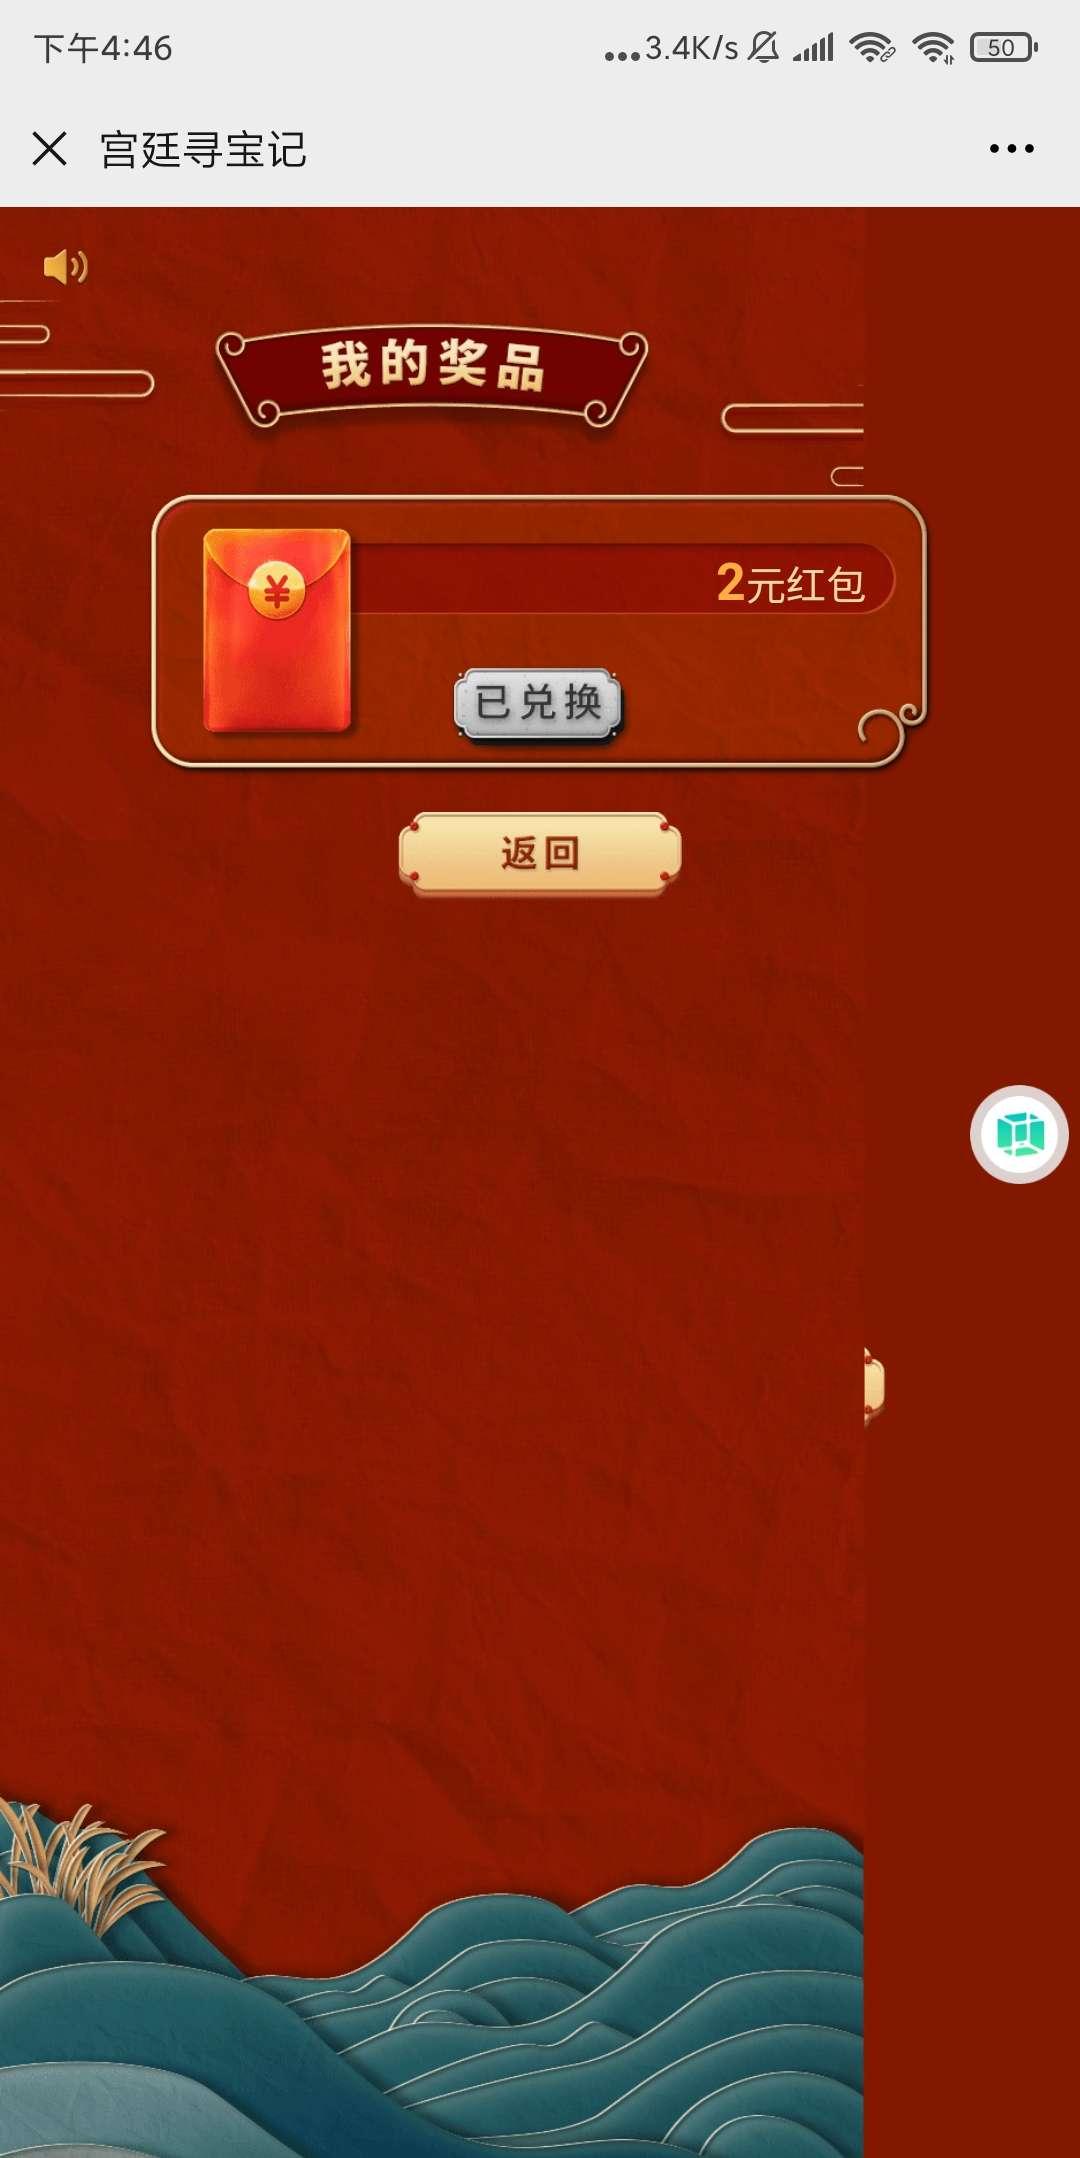 【现金红包】安人寿宫廷寻宝记抽红包-聚合资源网